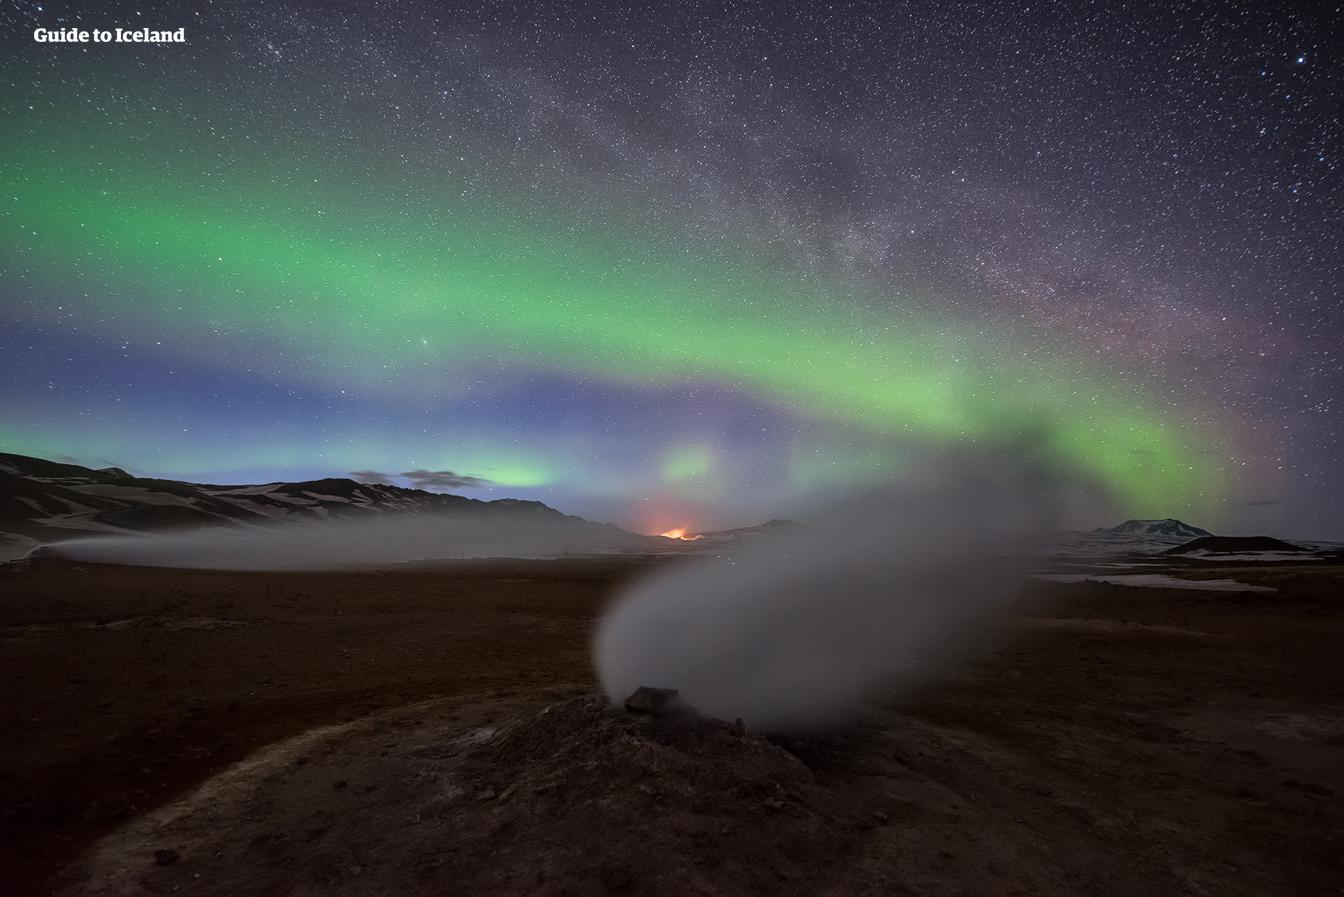 Durante todo el año, el cañón Grjótagjá es una maravilla geotérmica en el lago Mývatn en el norte de Islandia.